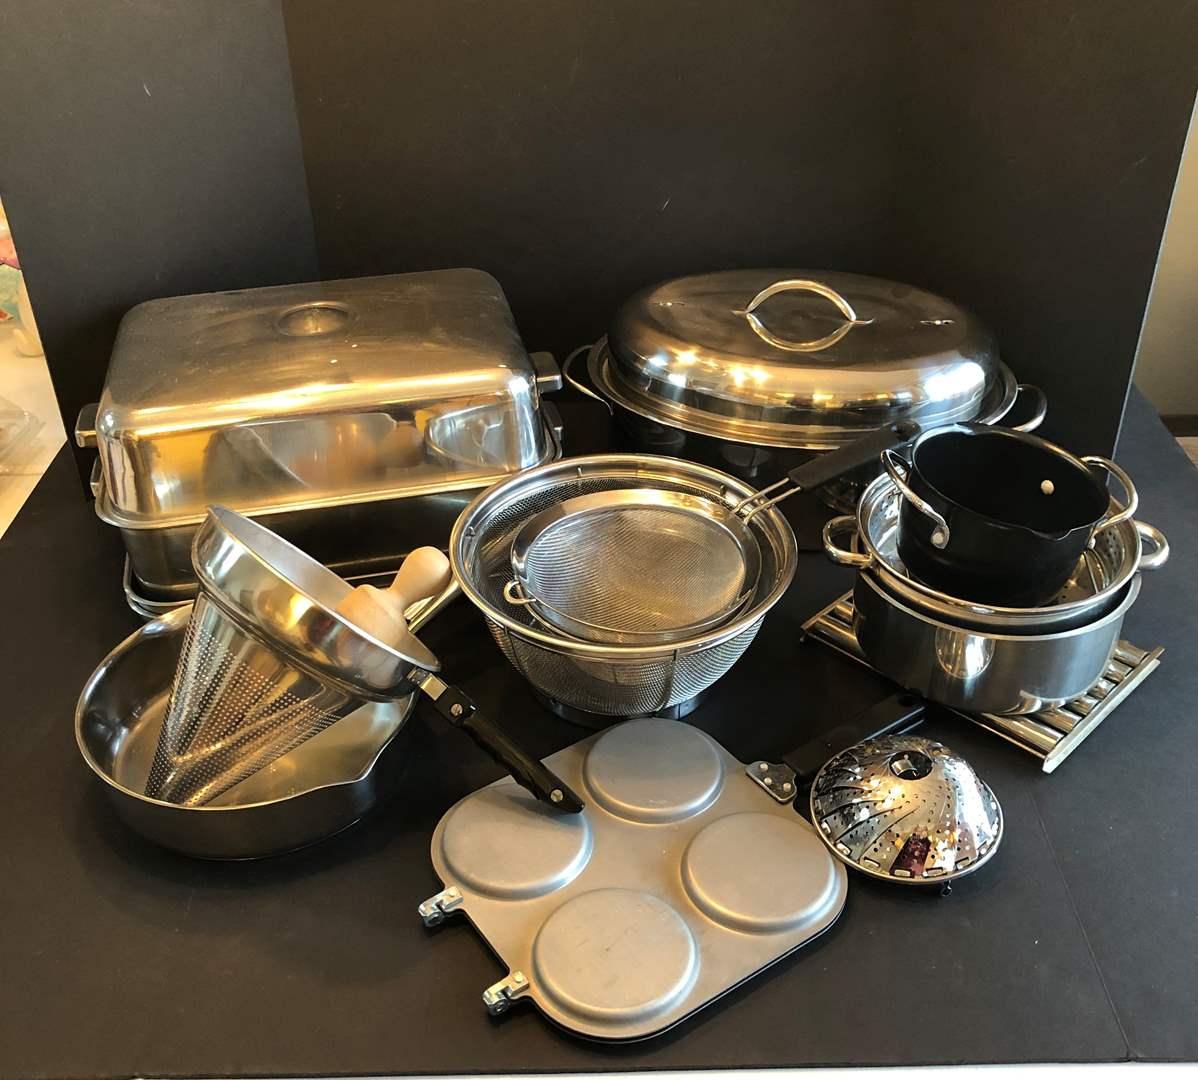 Lot # 134 - Roasting Pans, Strainers, Few Pots & Pans (main image)